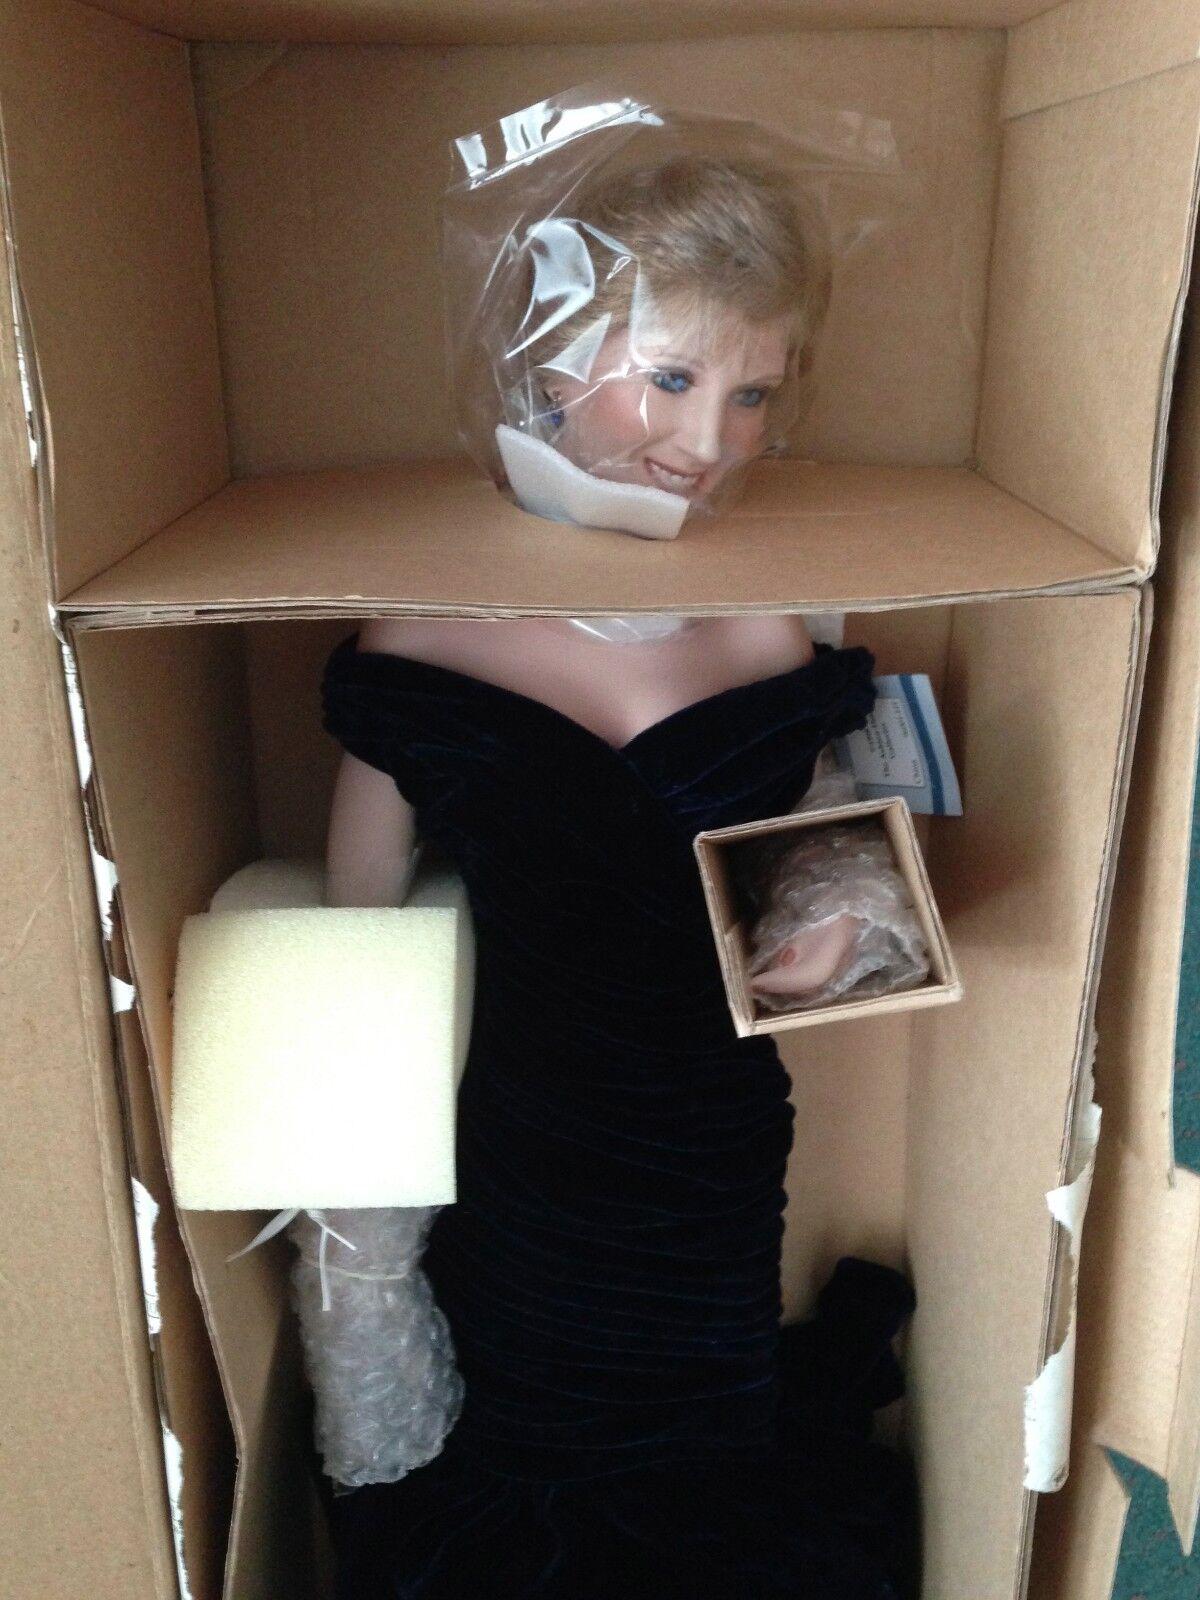 Ashton Drake 18  Princesa Diana en Terciopelo Vestido Sin Usar, En Caja Con Certificado De Autenticidad nunca quitado de la Caja Perfecto